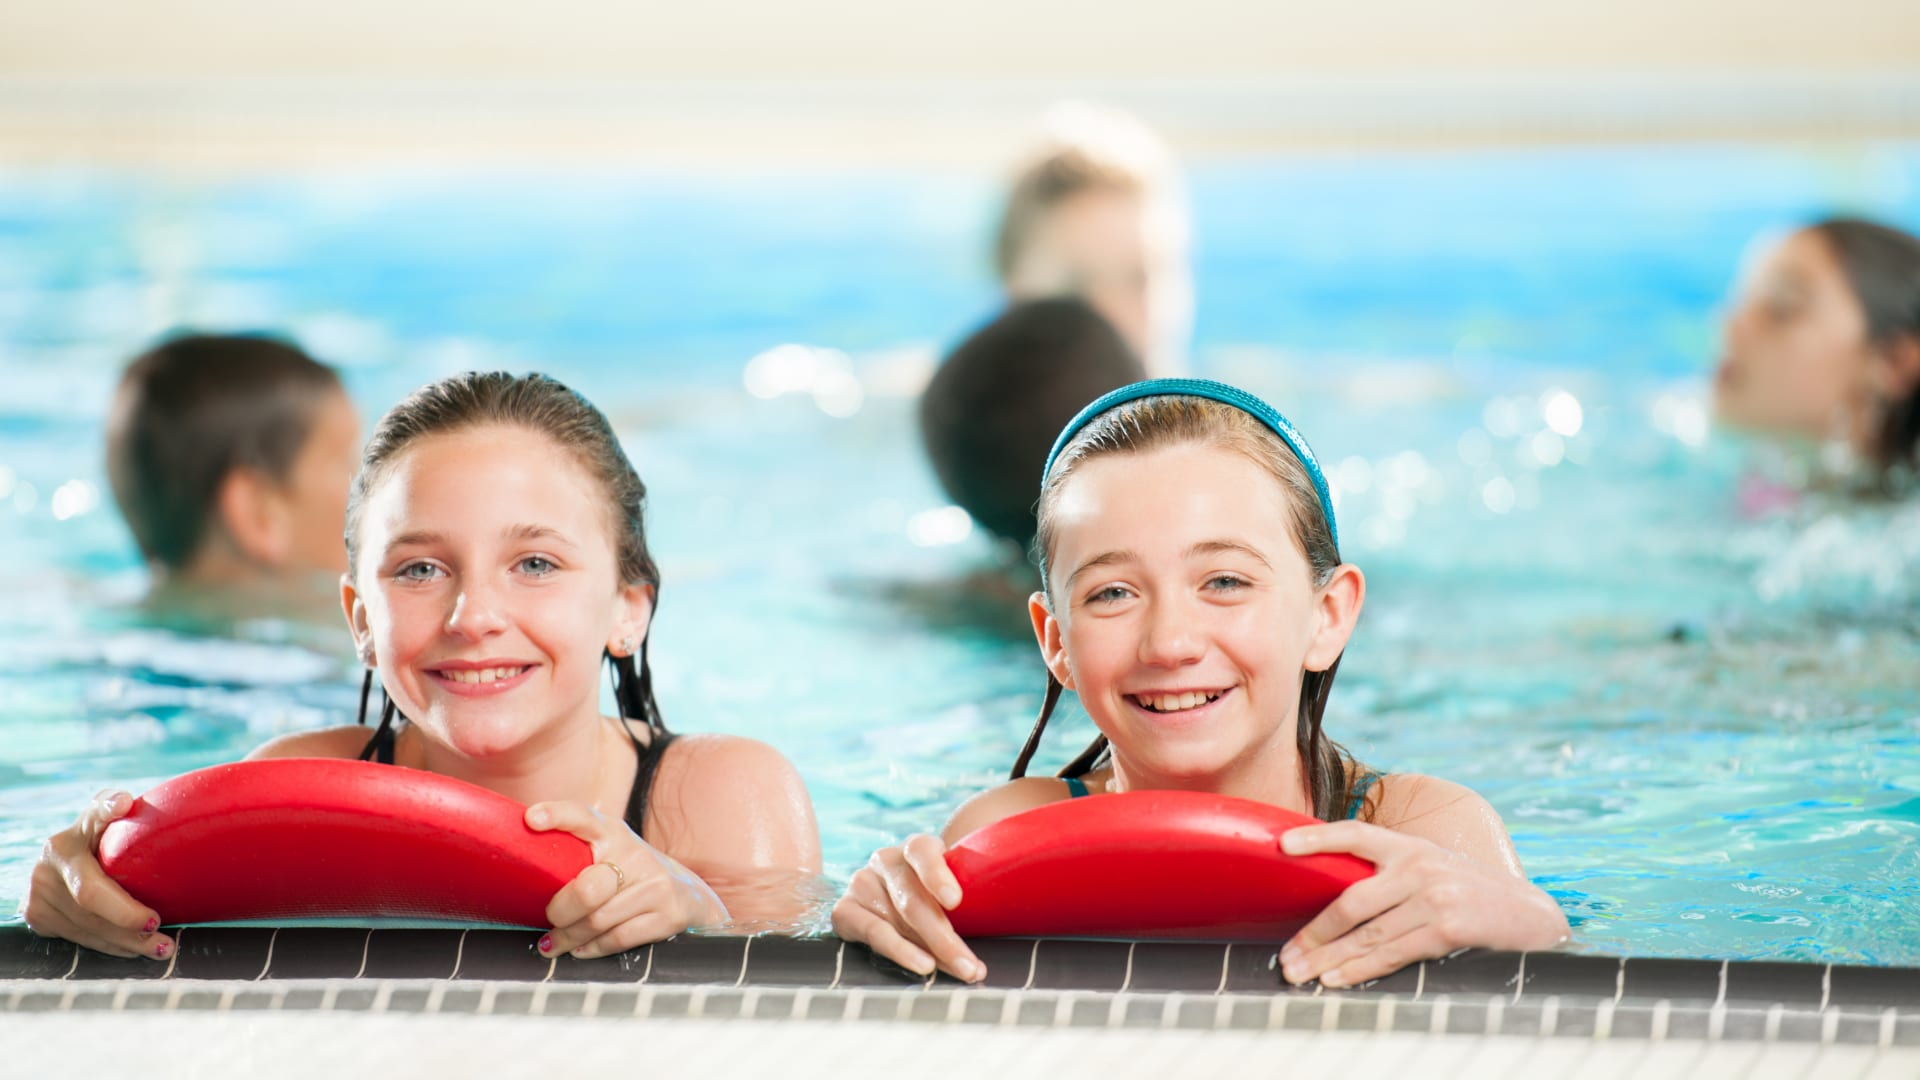 Deux fillettes sur le bord d'une piscine